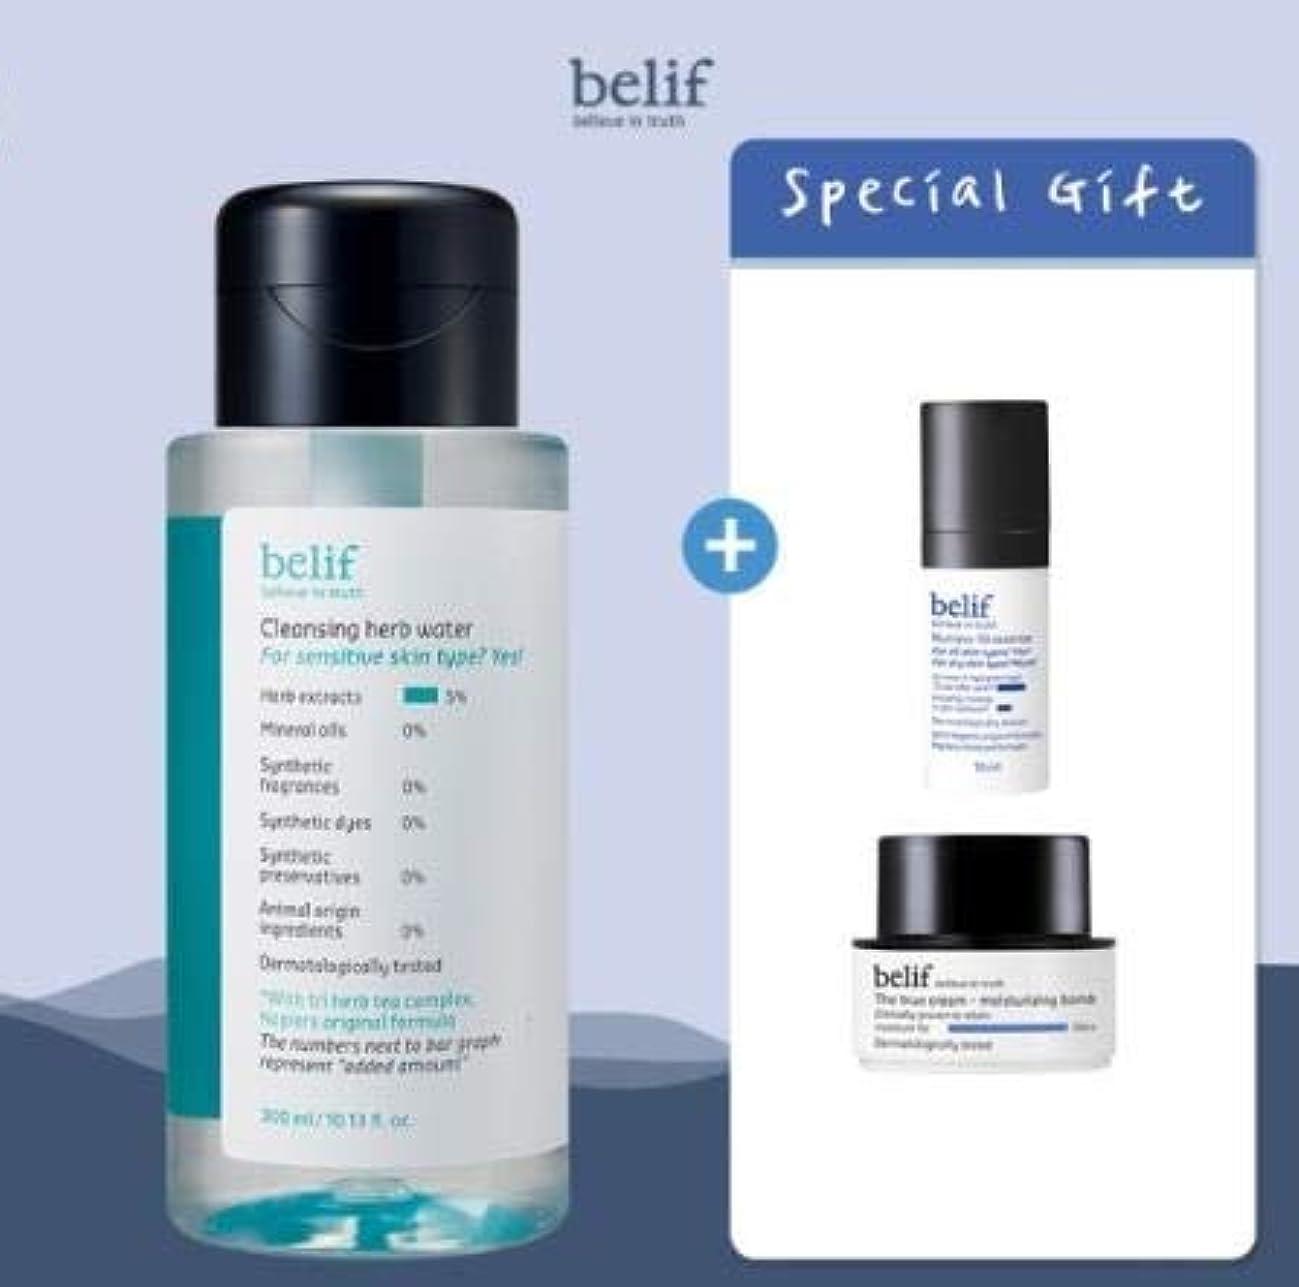 以下欠員貫入belif Cleansing Herb Water 300ml (+Special Gifts) ビリープクレンジングハーブウォーター 300ml (+スペシャルギフト) [並行輸入品]